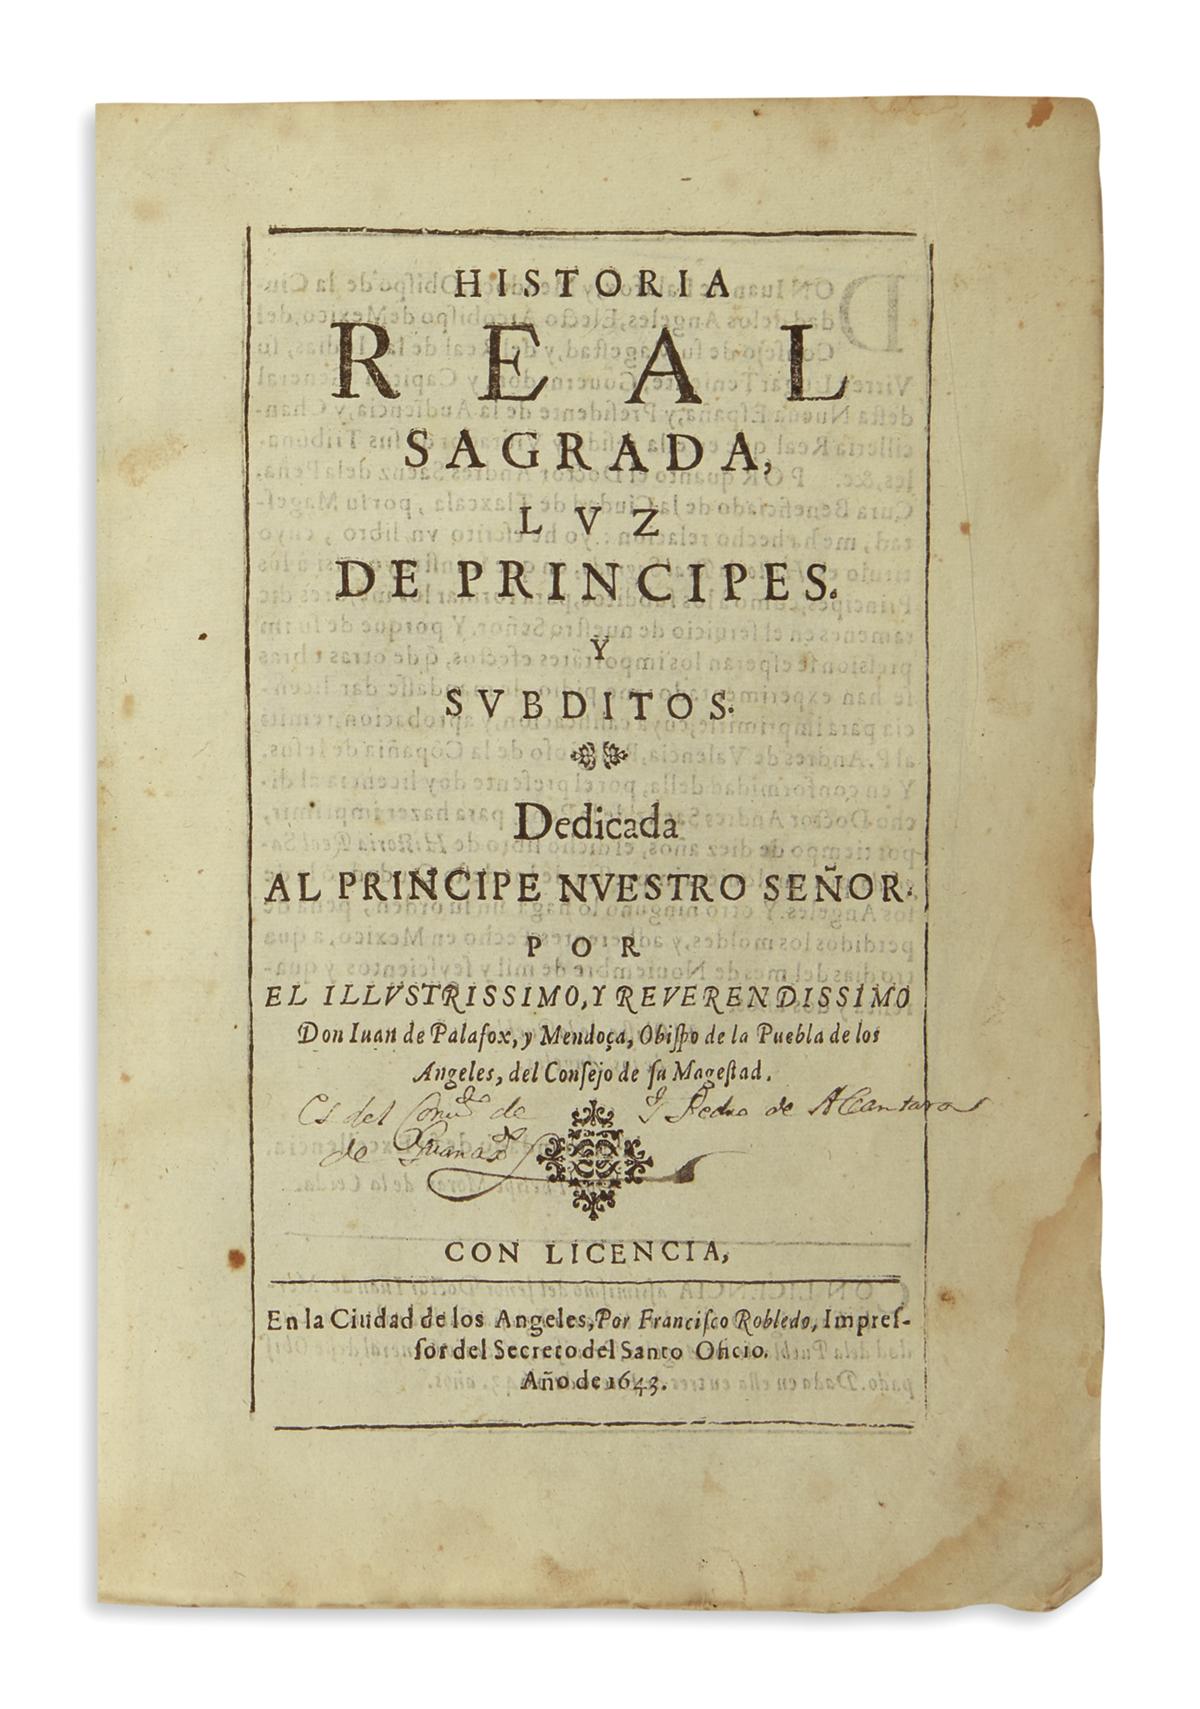 (MEXICAN IMPRINT--PUEBLA.) Palafox y Mendoza, Juan de. Historia real sagrada, luz de principes, y subditos.